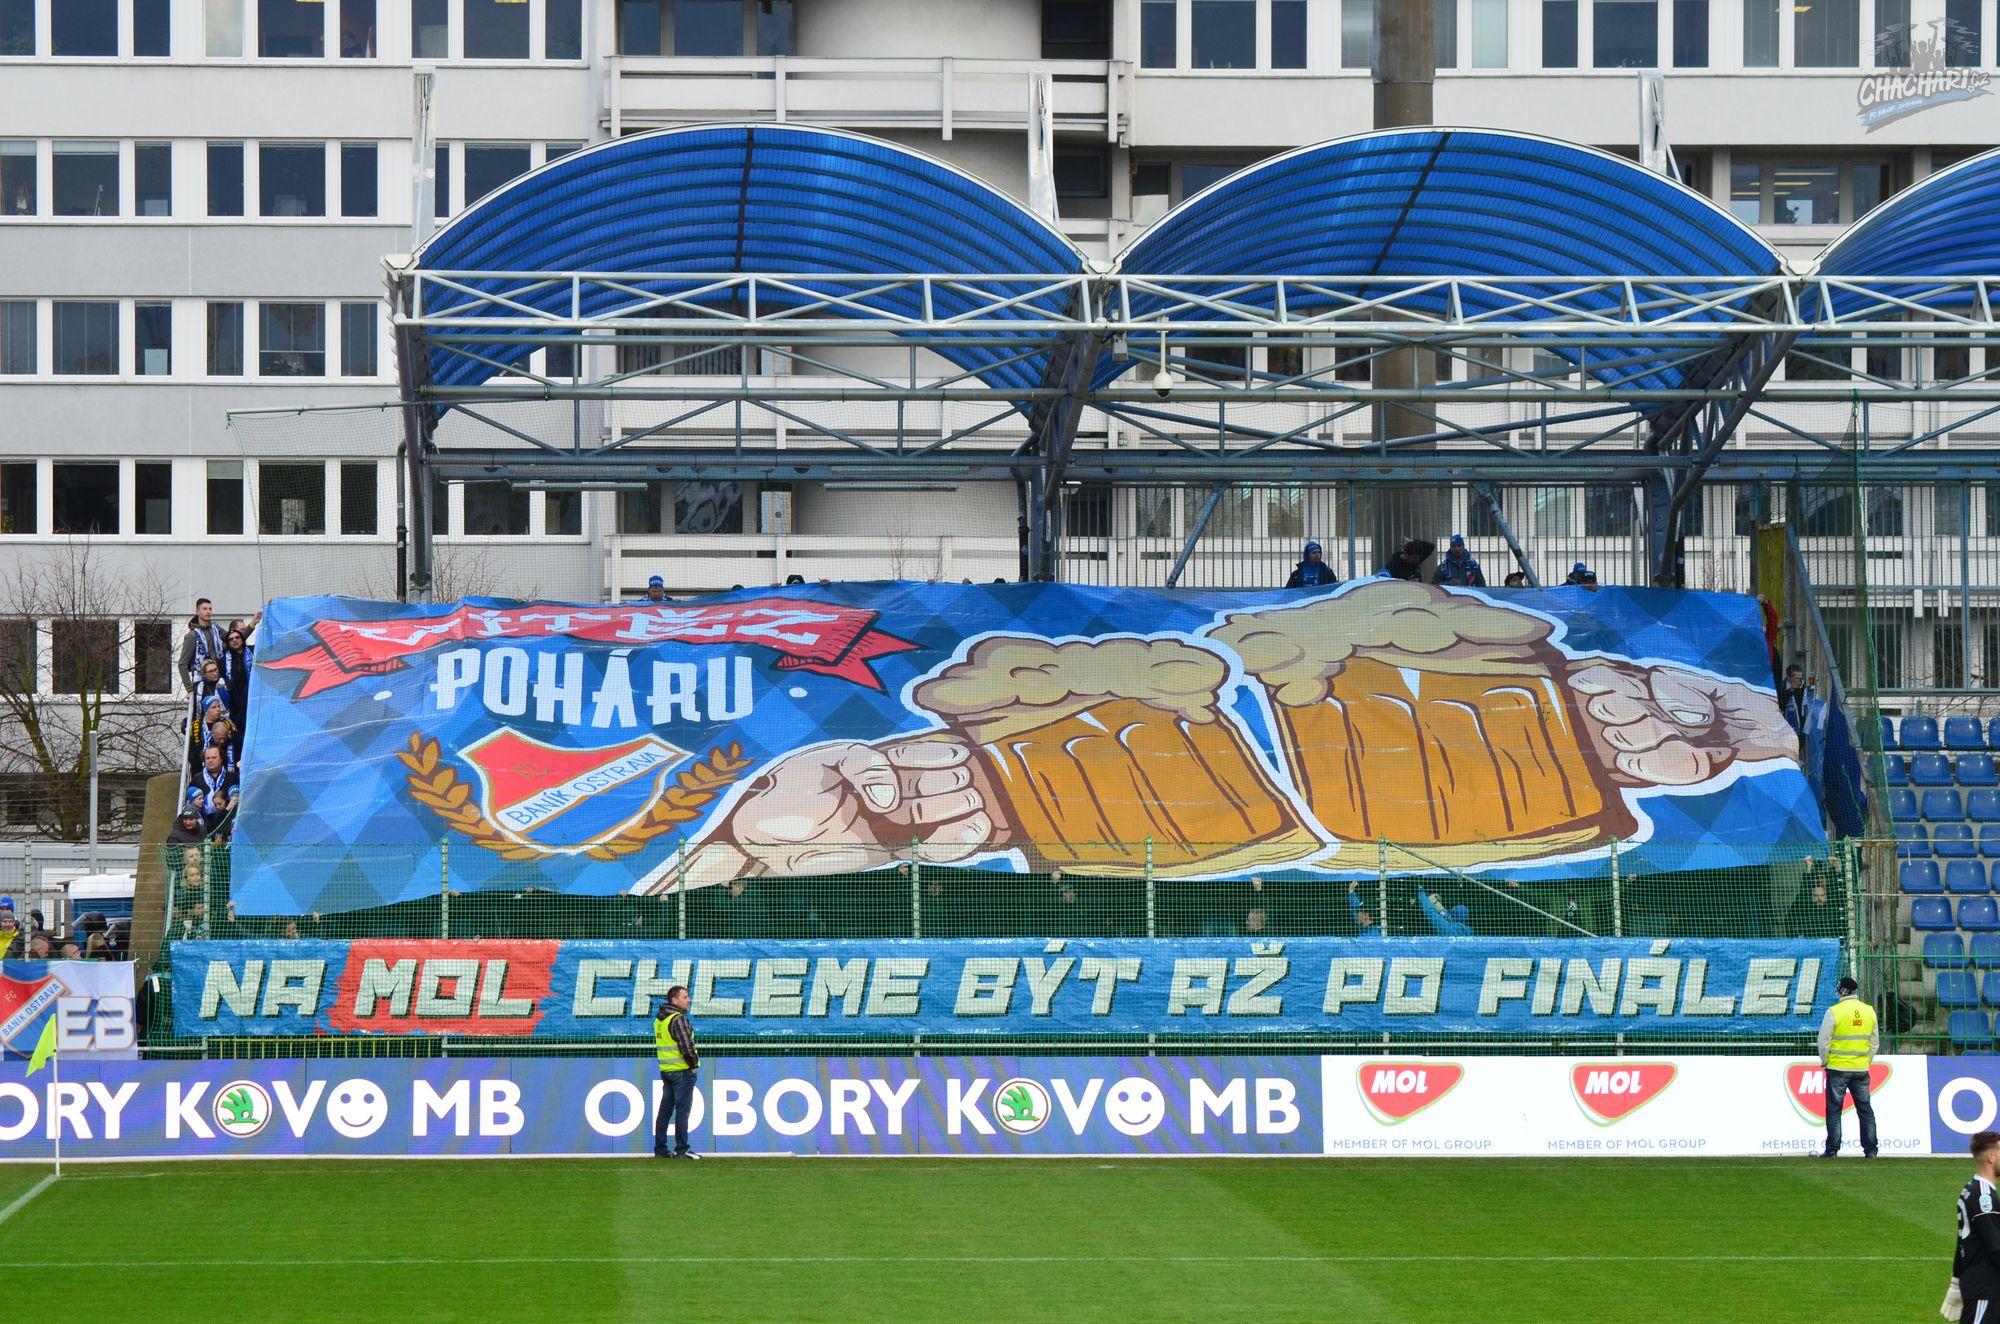 mlada_boleslav_fcb_17-18_pohar_1.jpg (570 KB)